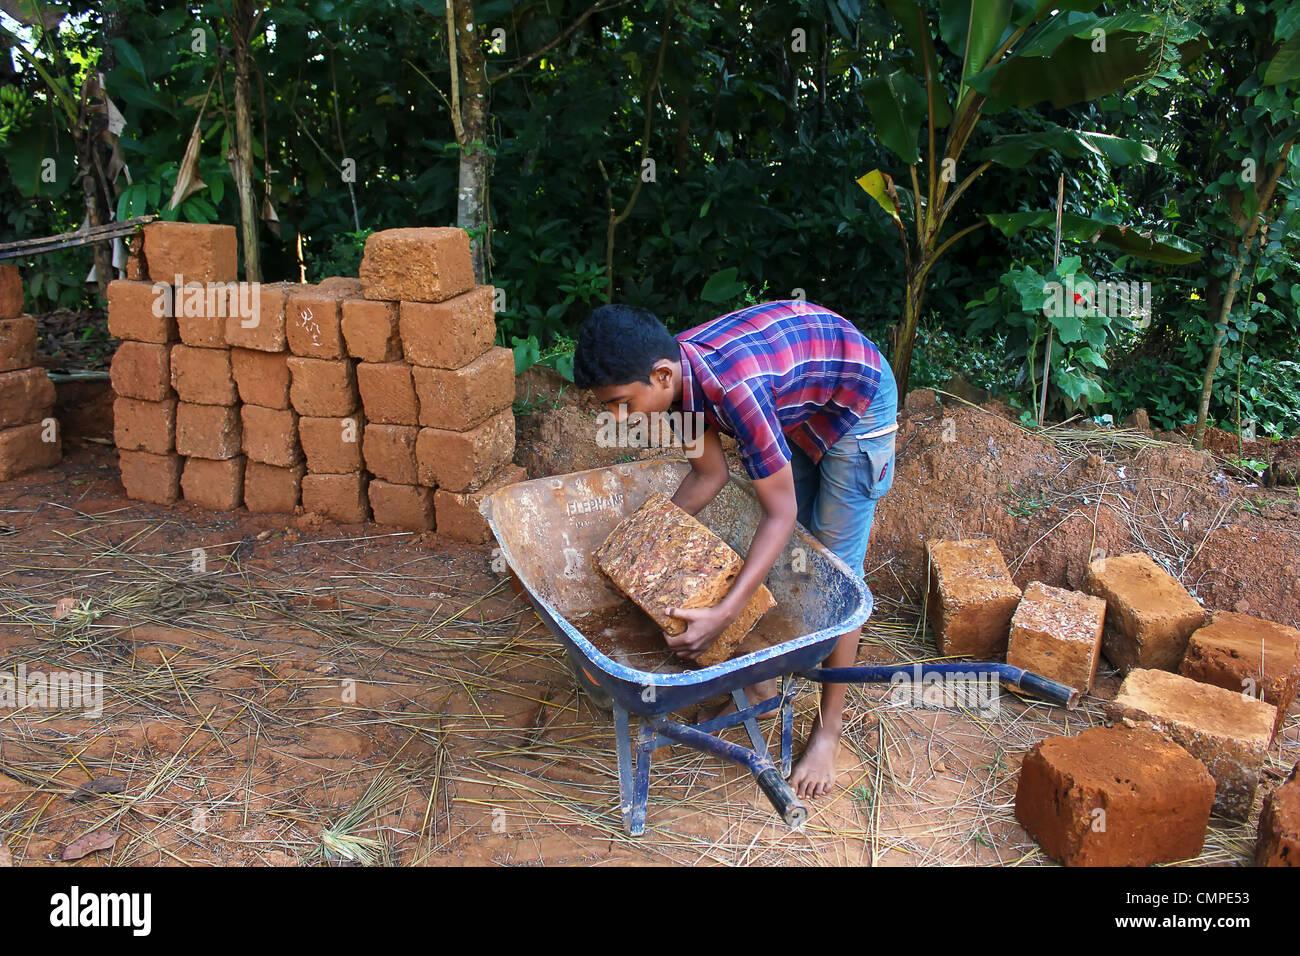 Ragazzo giovane ruotando i mattoni in una fabbrica di mattoni in india,la povertà il lavoro minorile,persone Immagini Stock